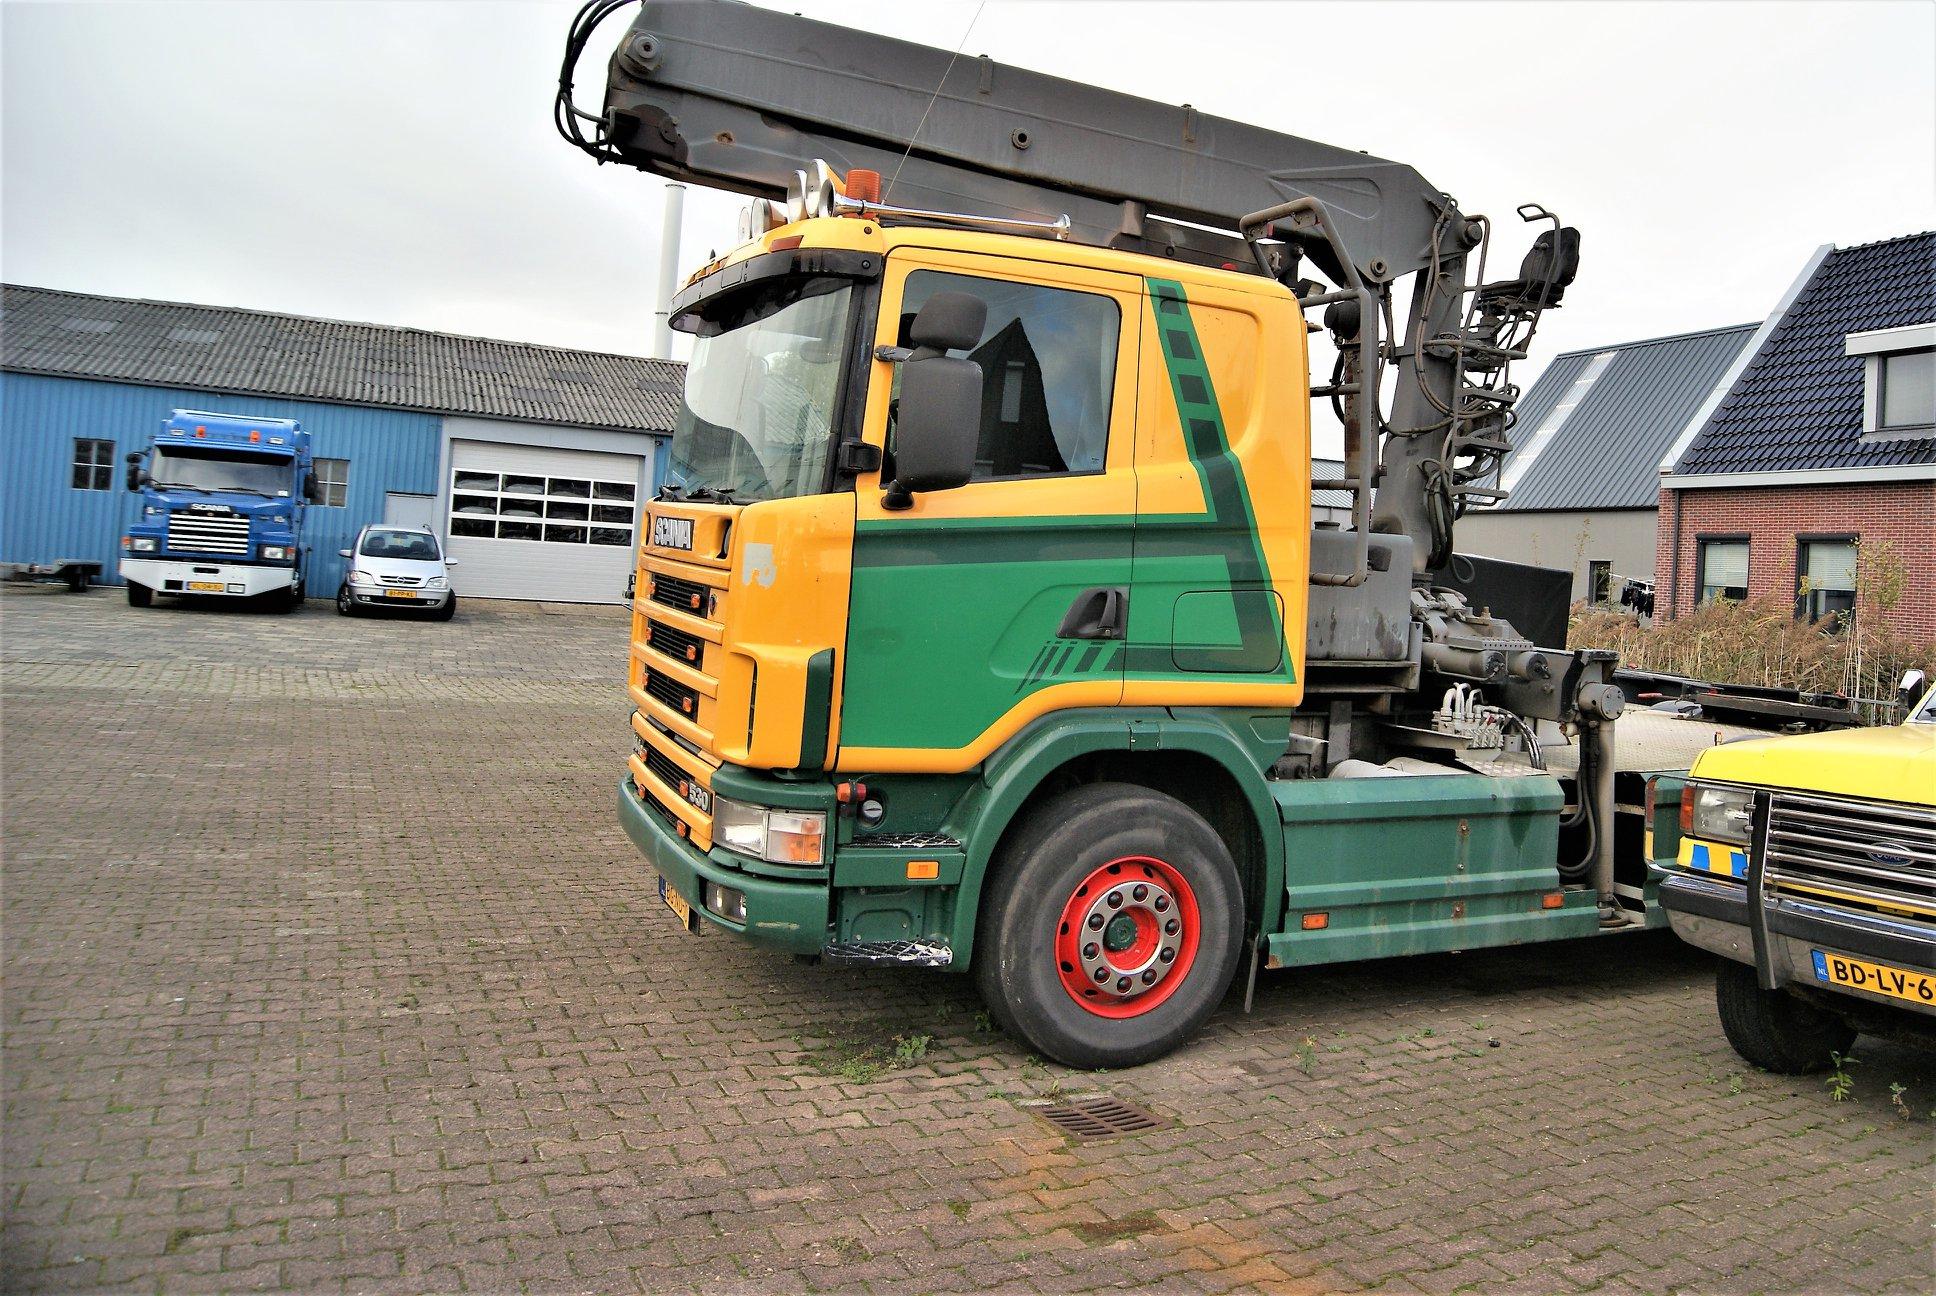 Scania-trekker144-G-530-pk-met-bomen-laadkraan-van-1998-is-van-L-Terpstra-uit-Menaldum-2